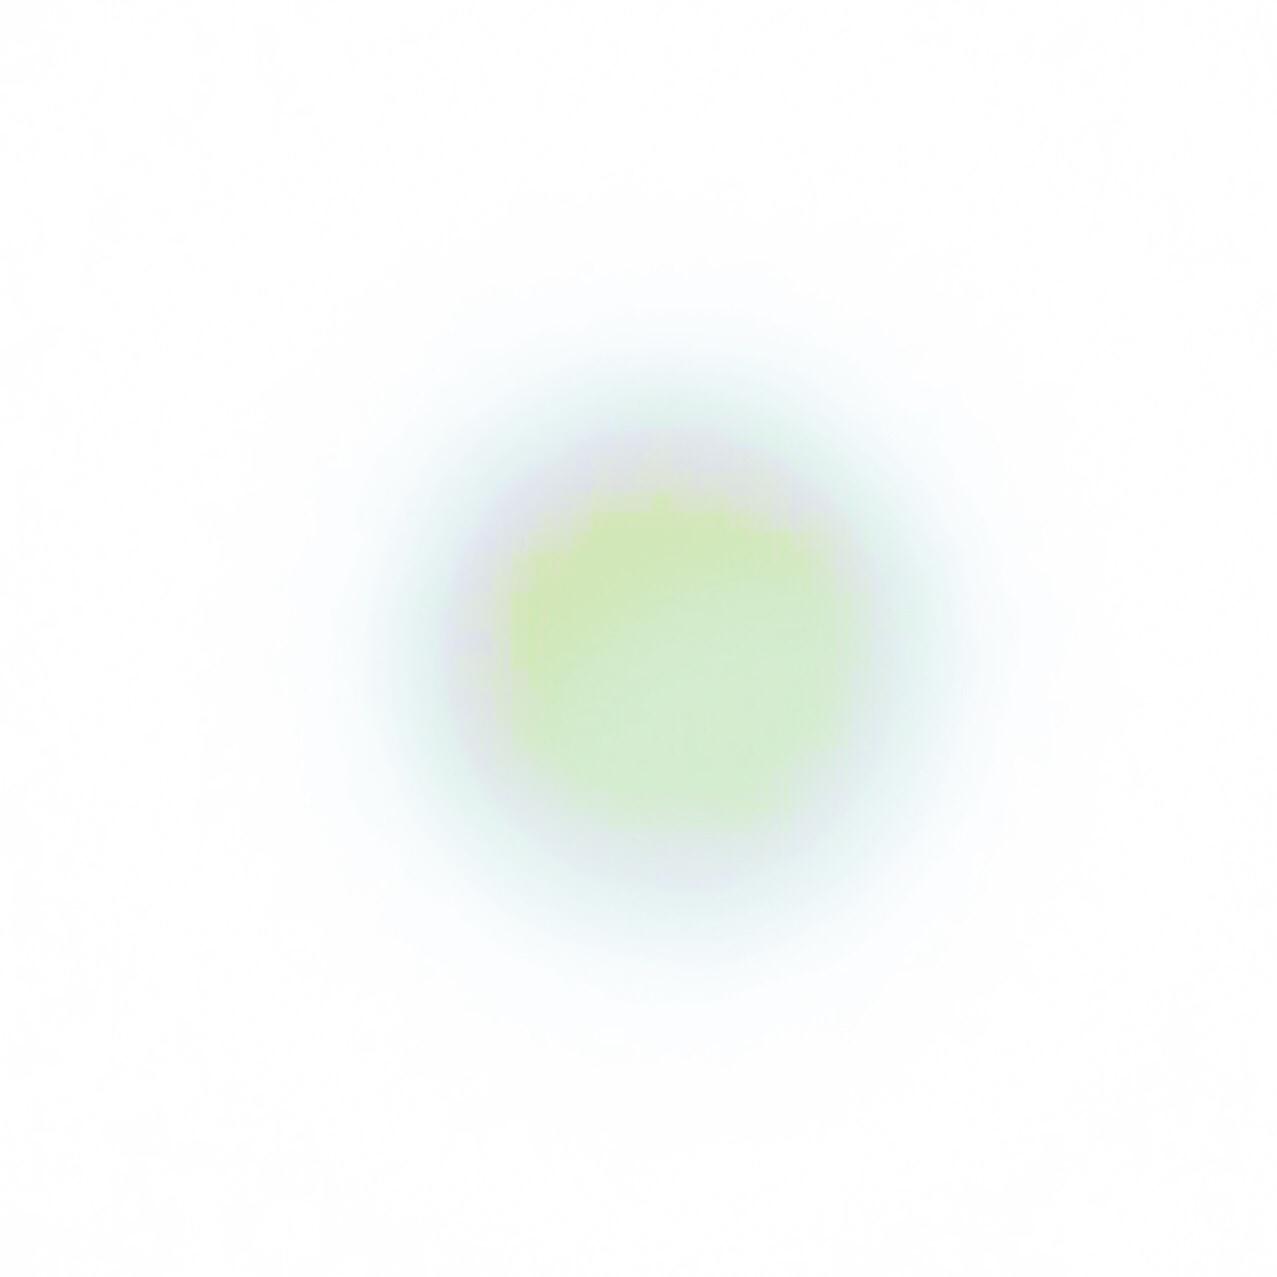 f0238991_1146582.jpg